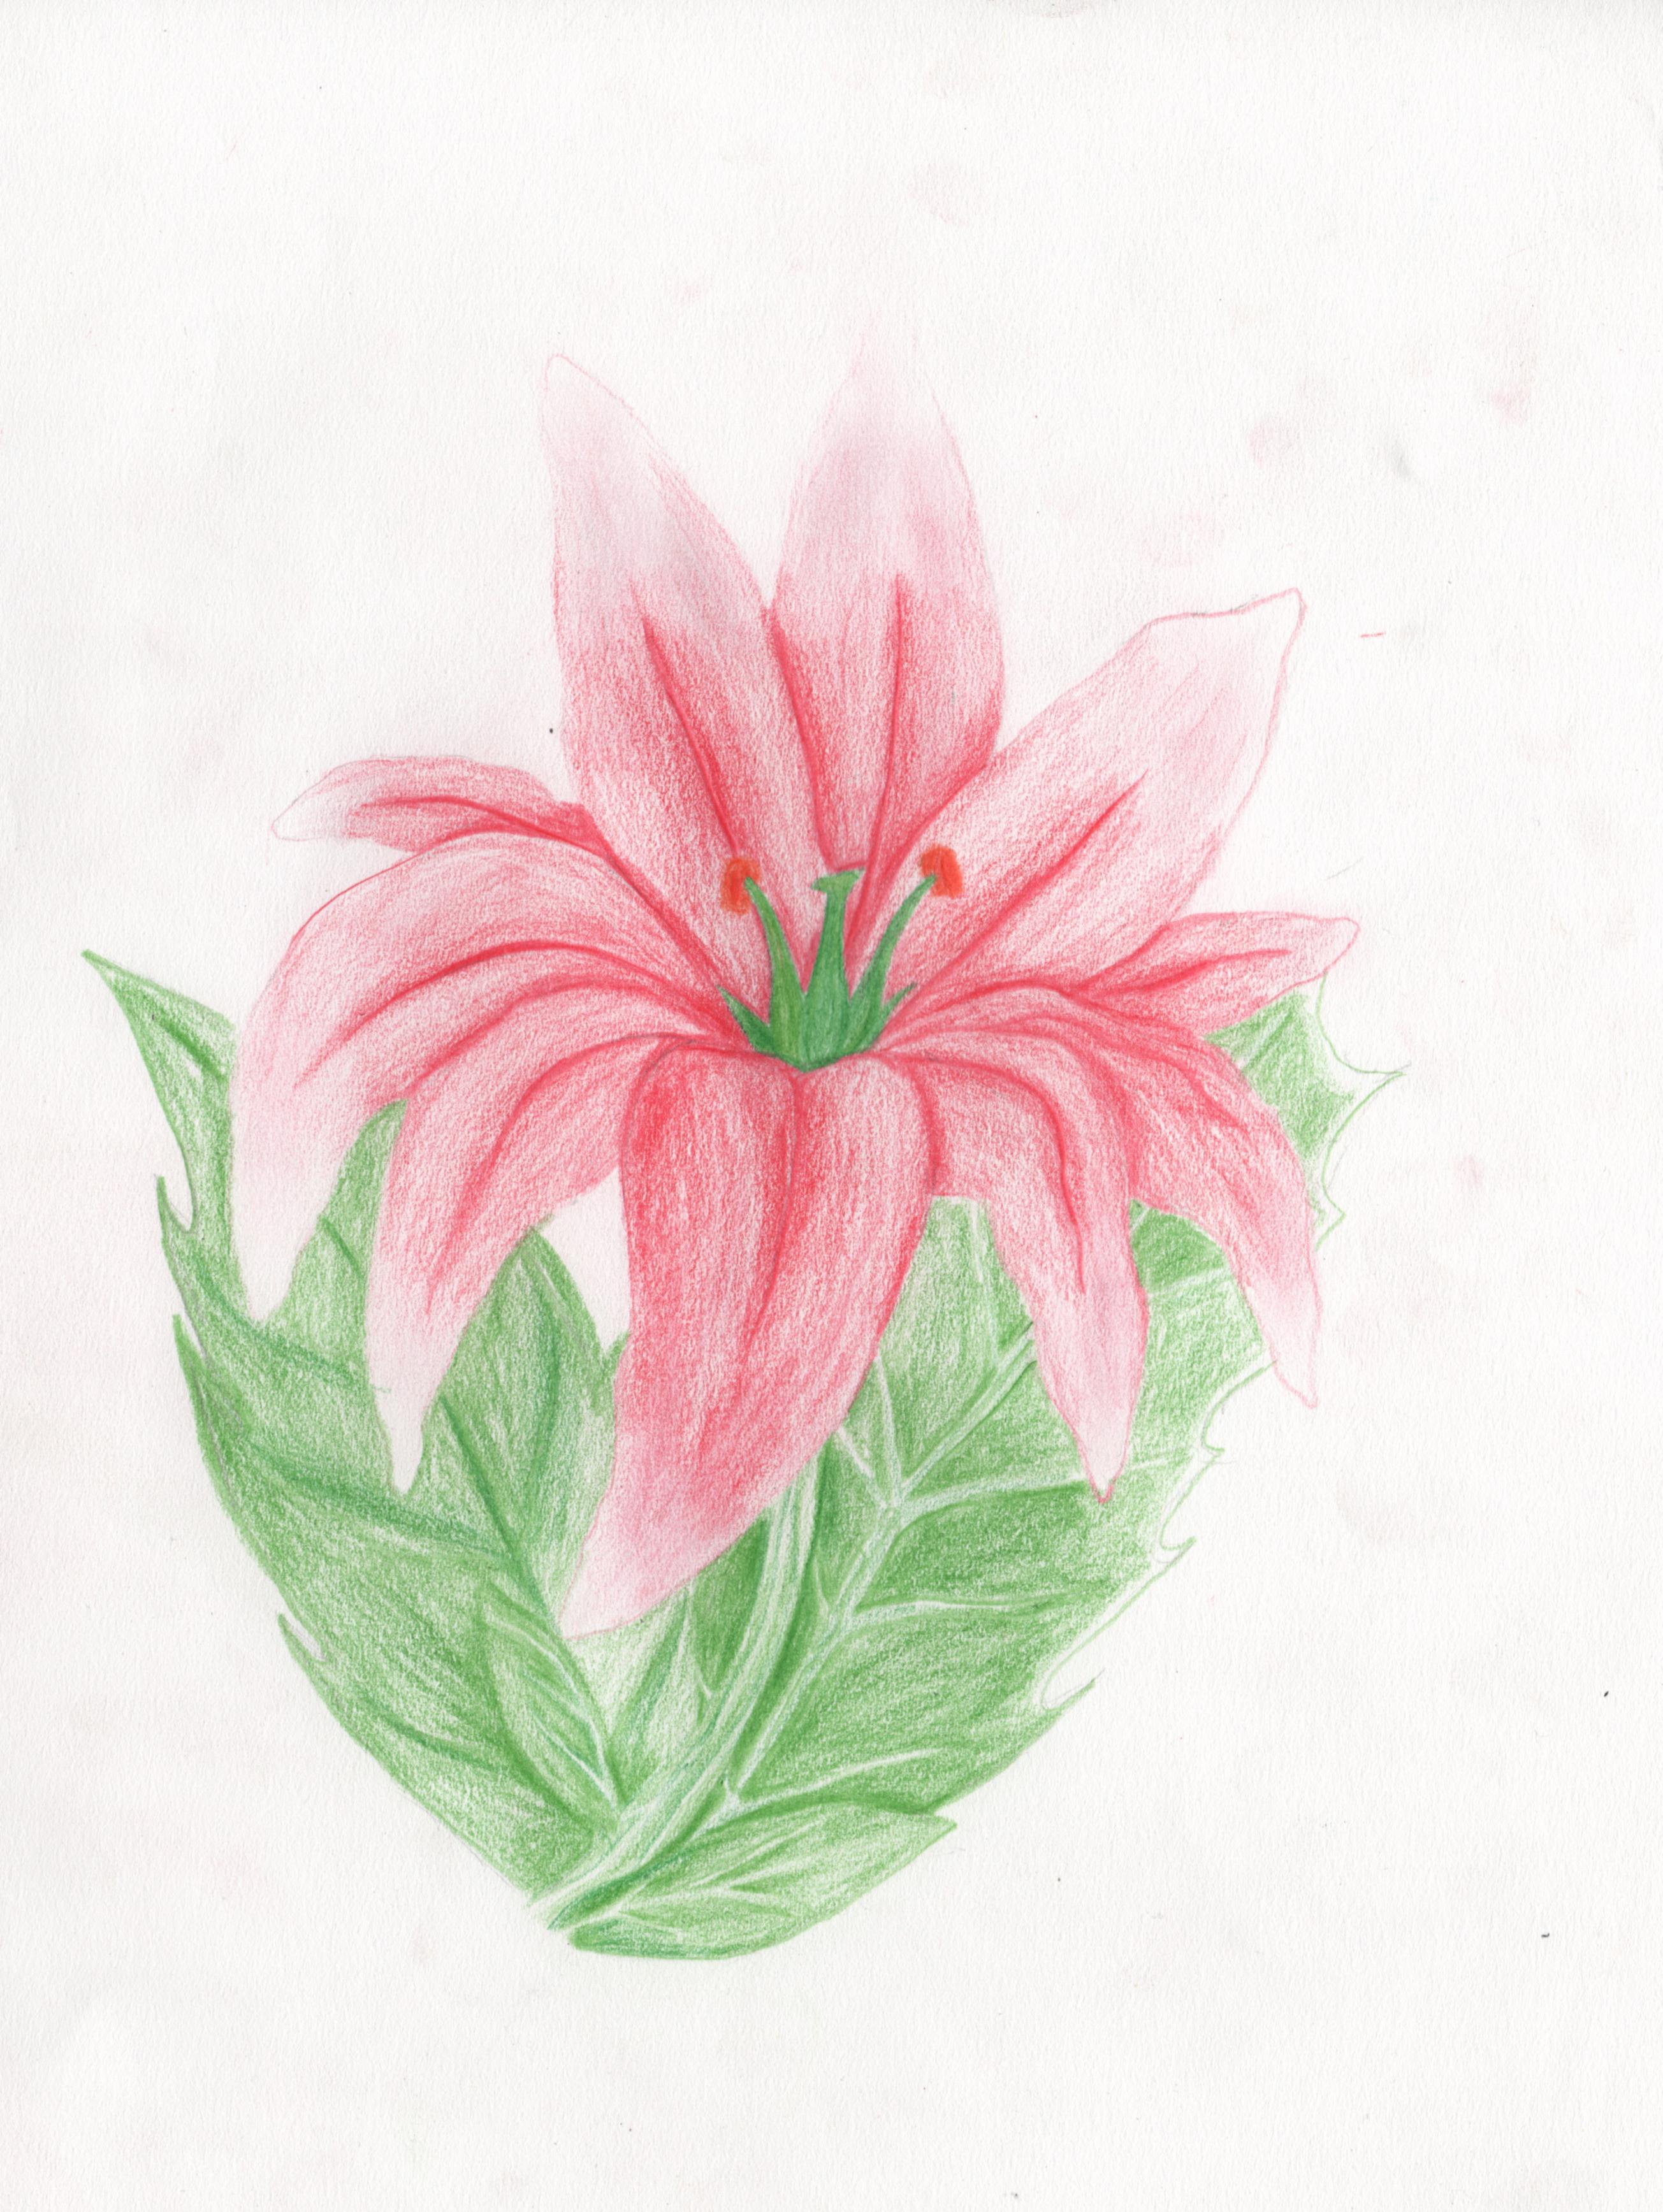 Flower_YannickC_01